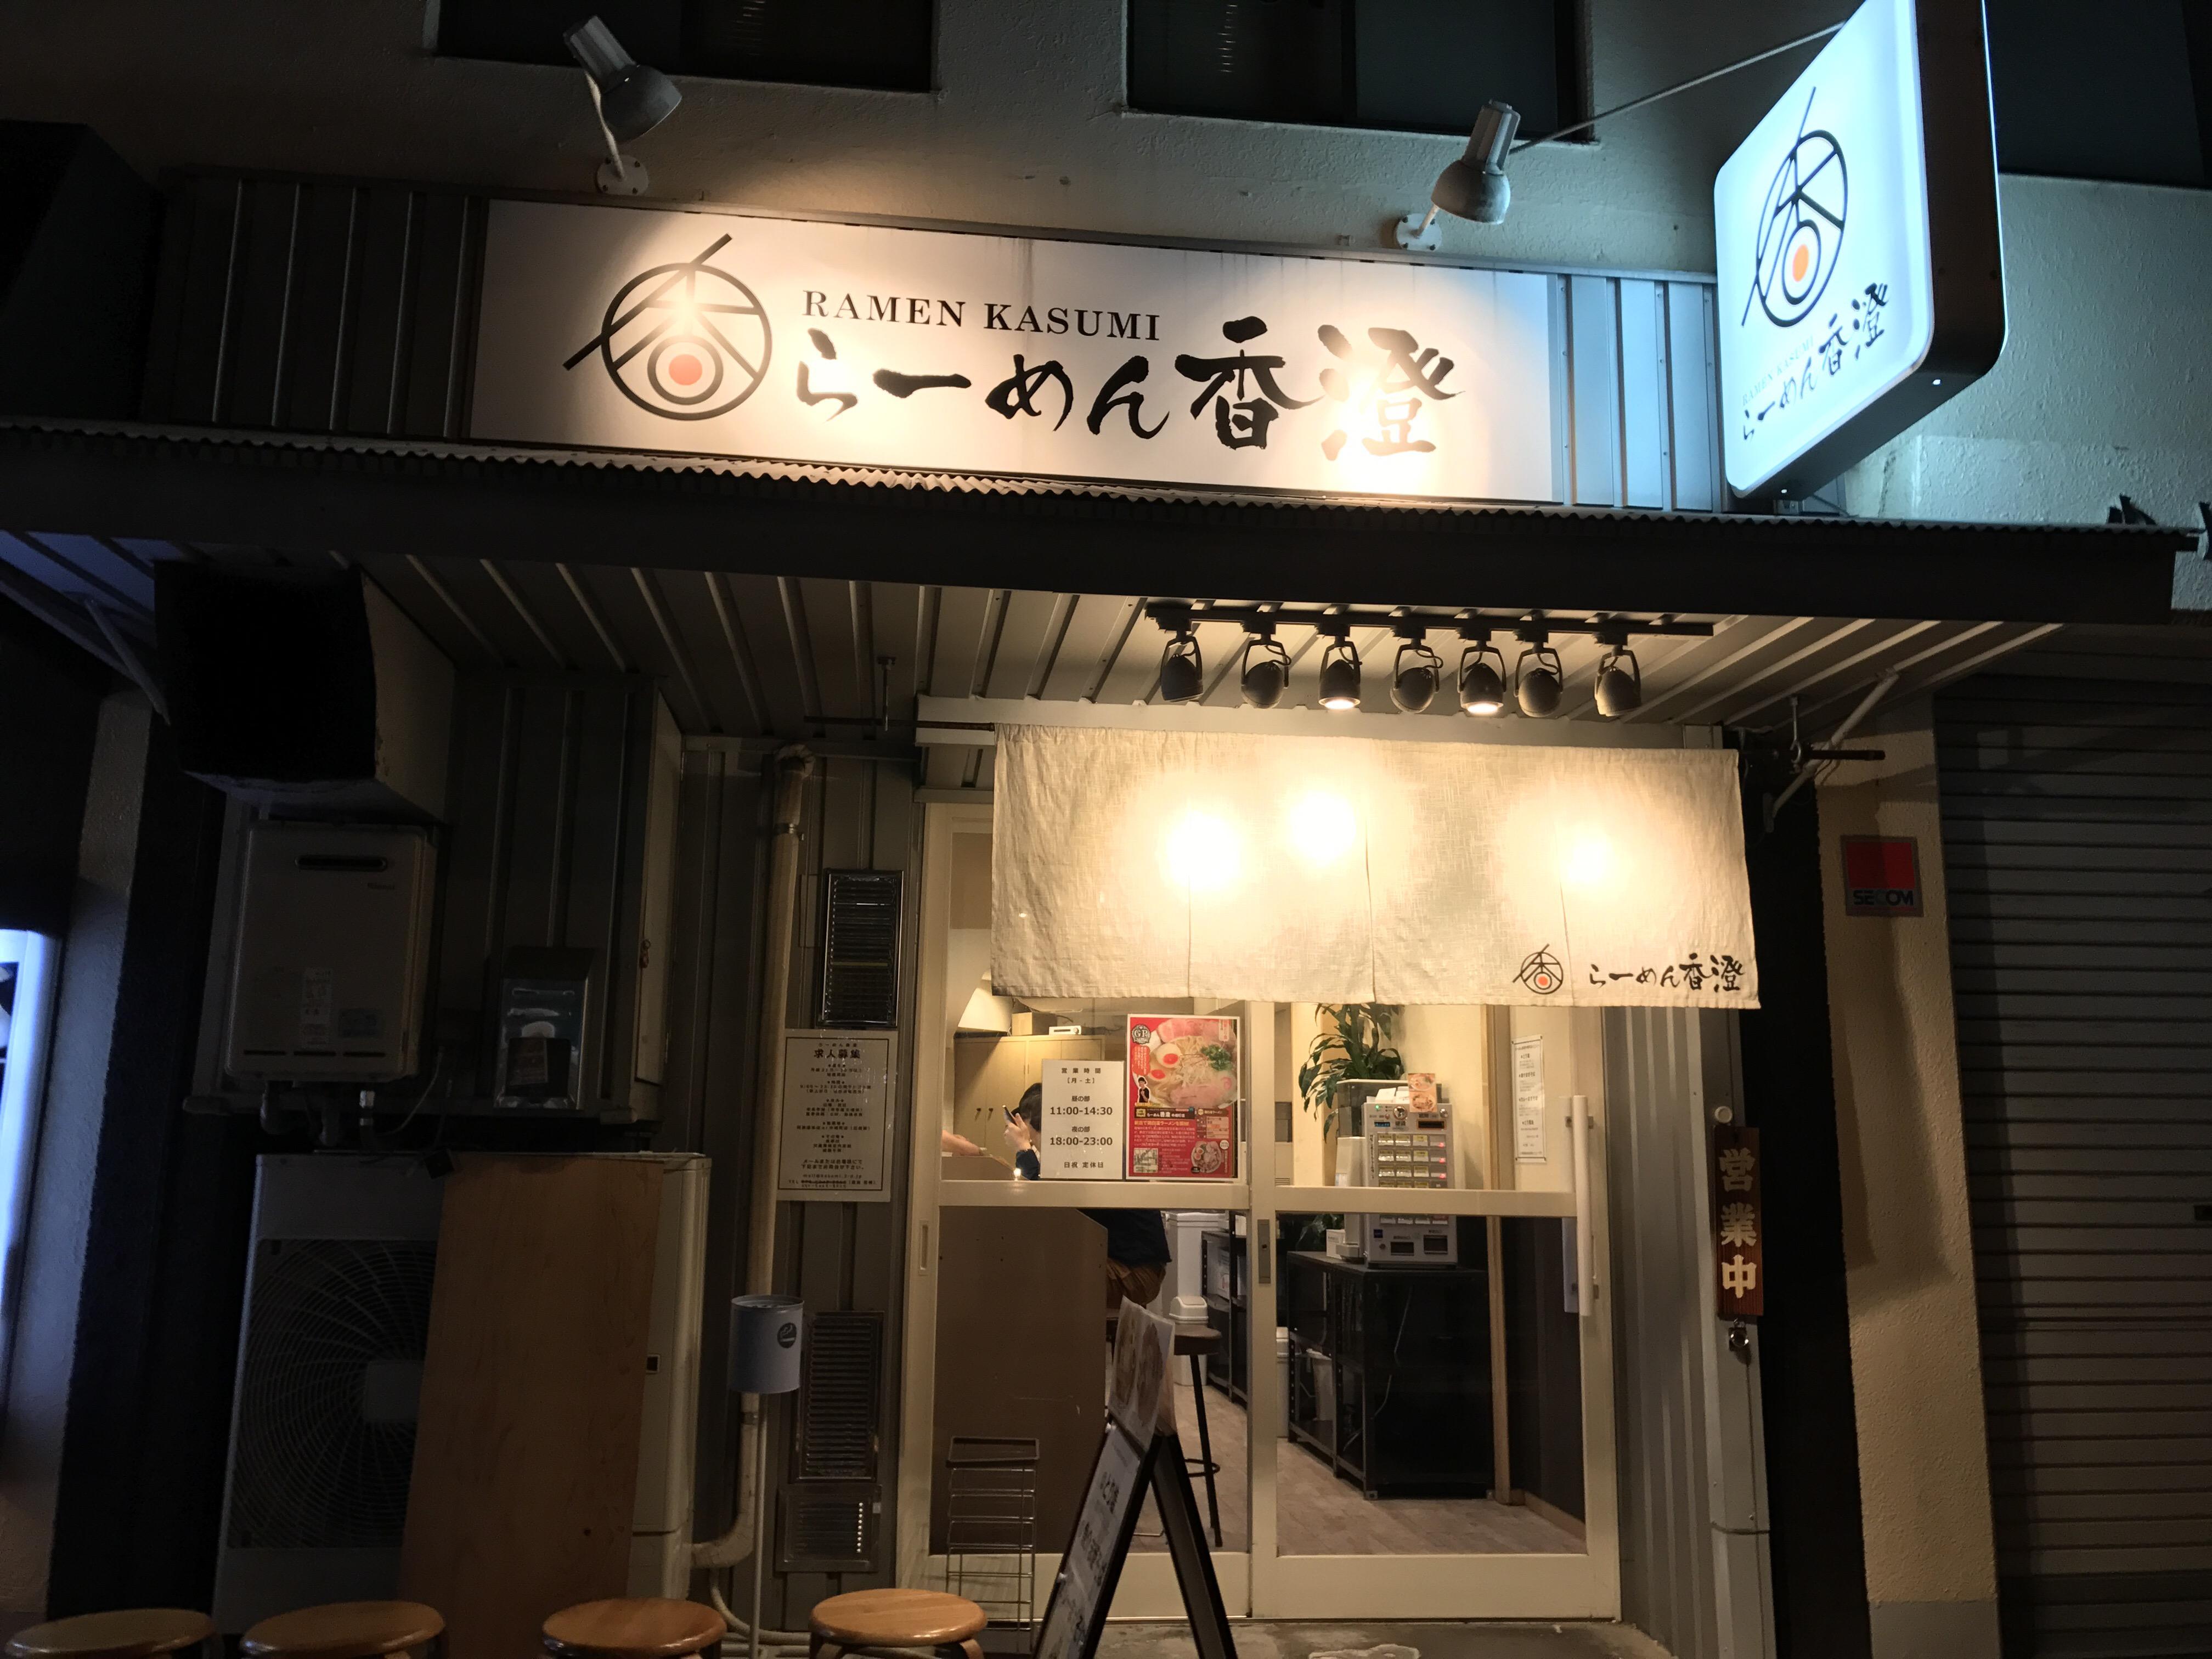 【天神橋筋ラーメン部】ゴロッゴロなチャーシューが半端ない【..